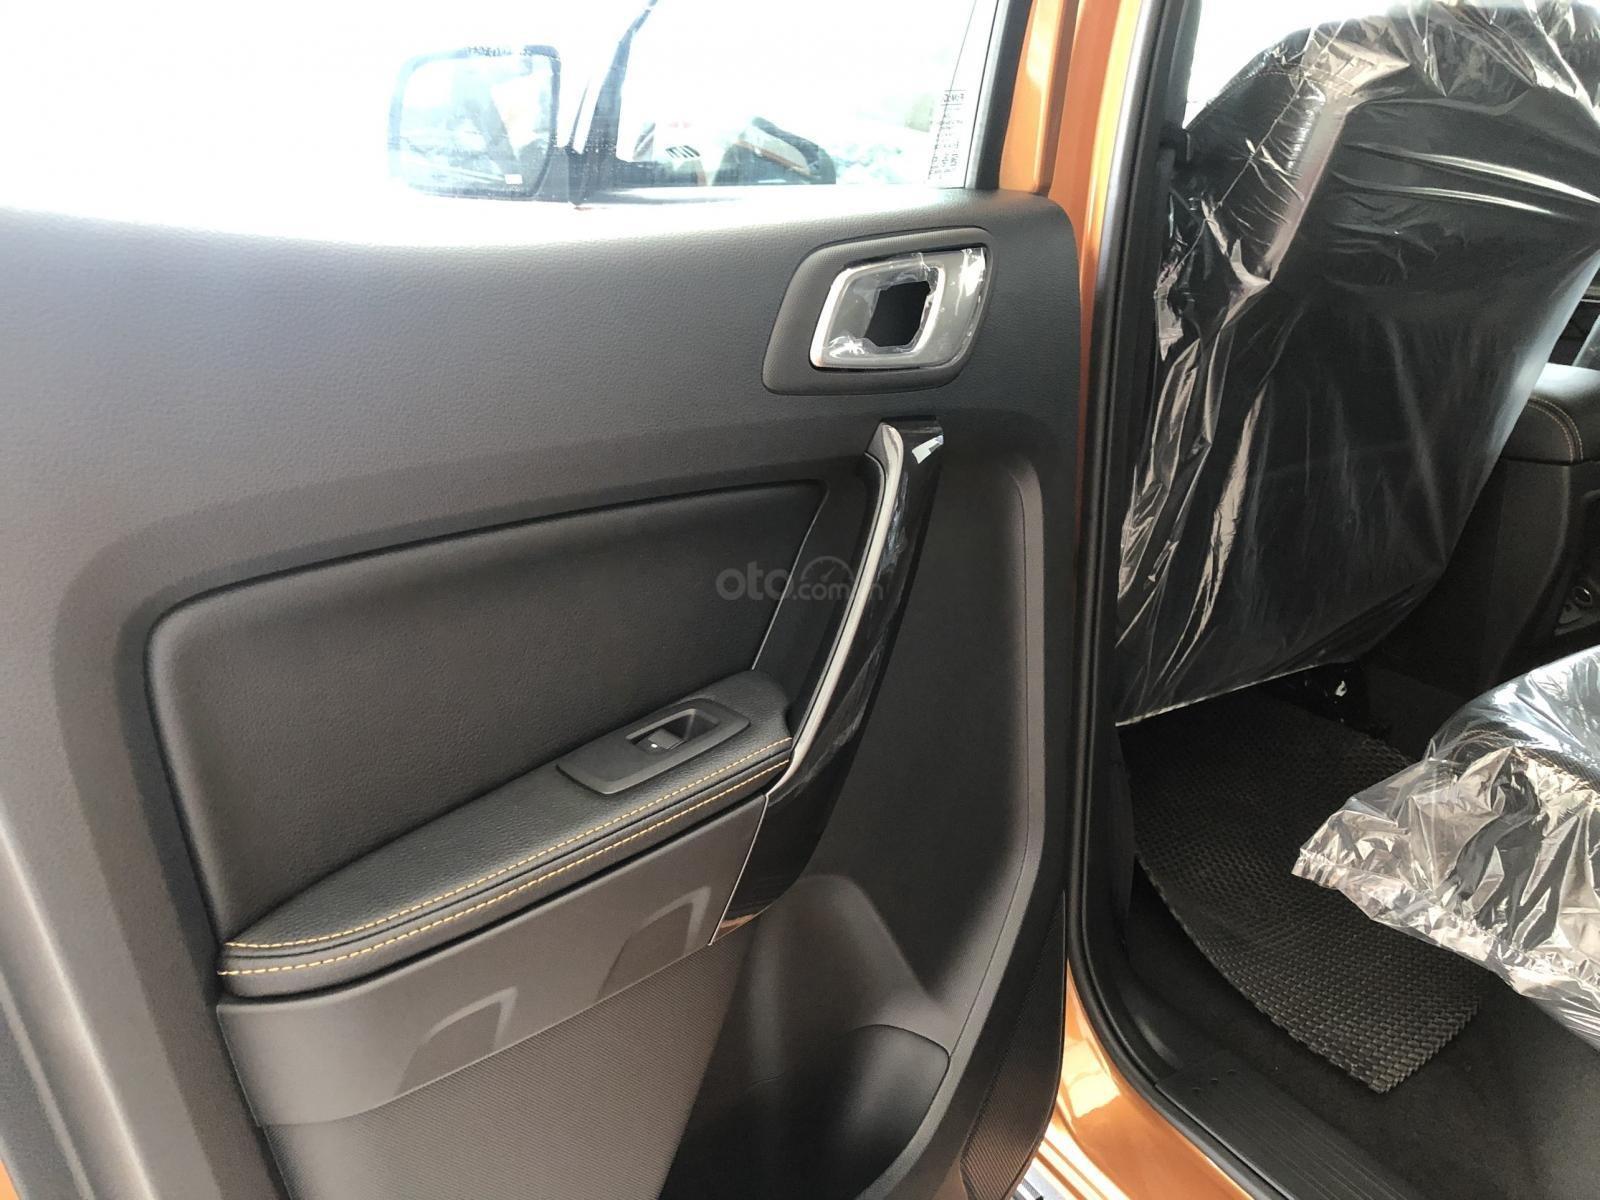 [Siêu ưu đãi] Ford Ranger Wildtrak 2020 Biturbo - khuyến mãi tháng ngâu giảm giá cực ngầu - trả trước 160 triệu lấy xe ngay (8)